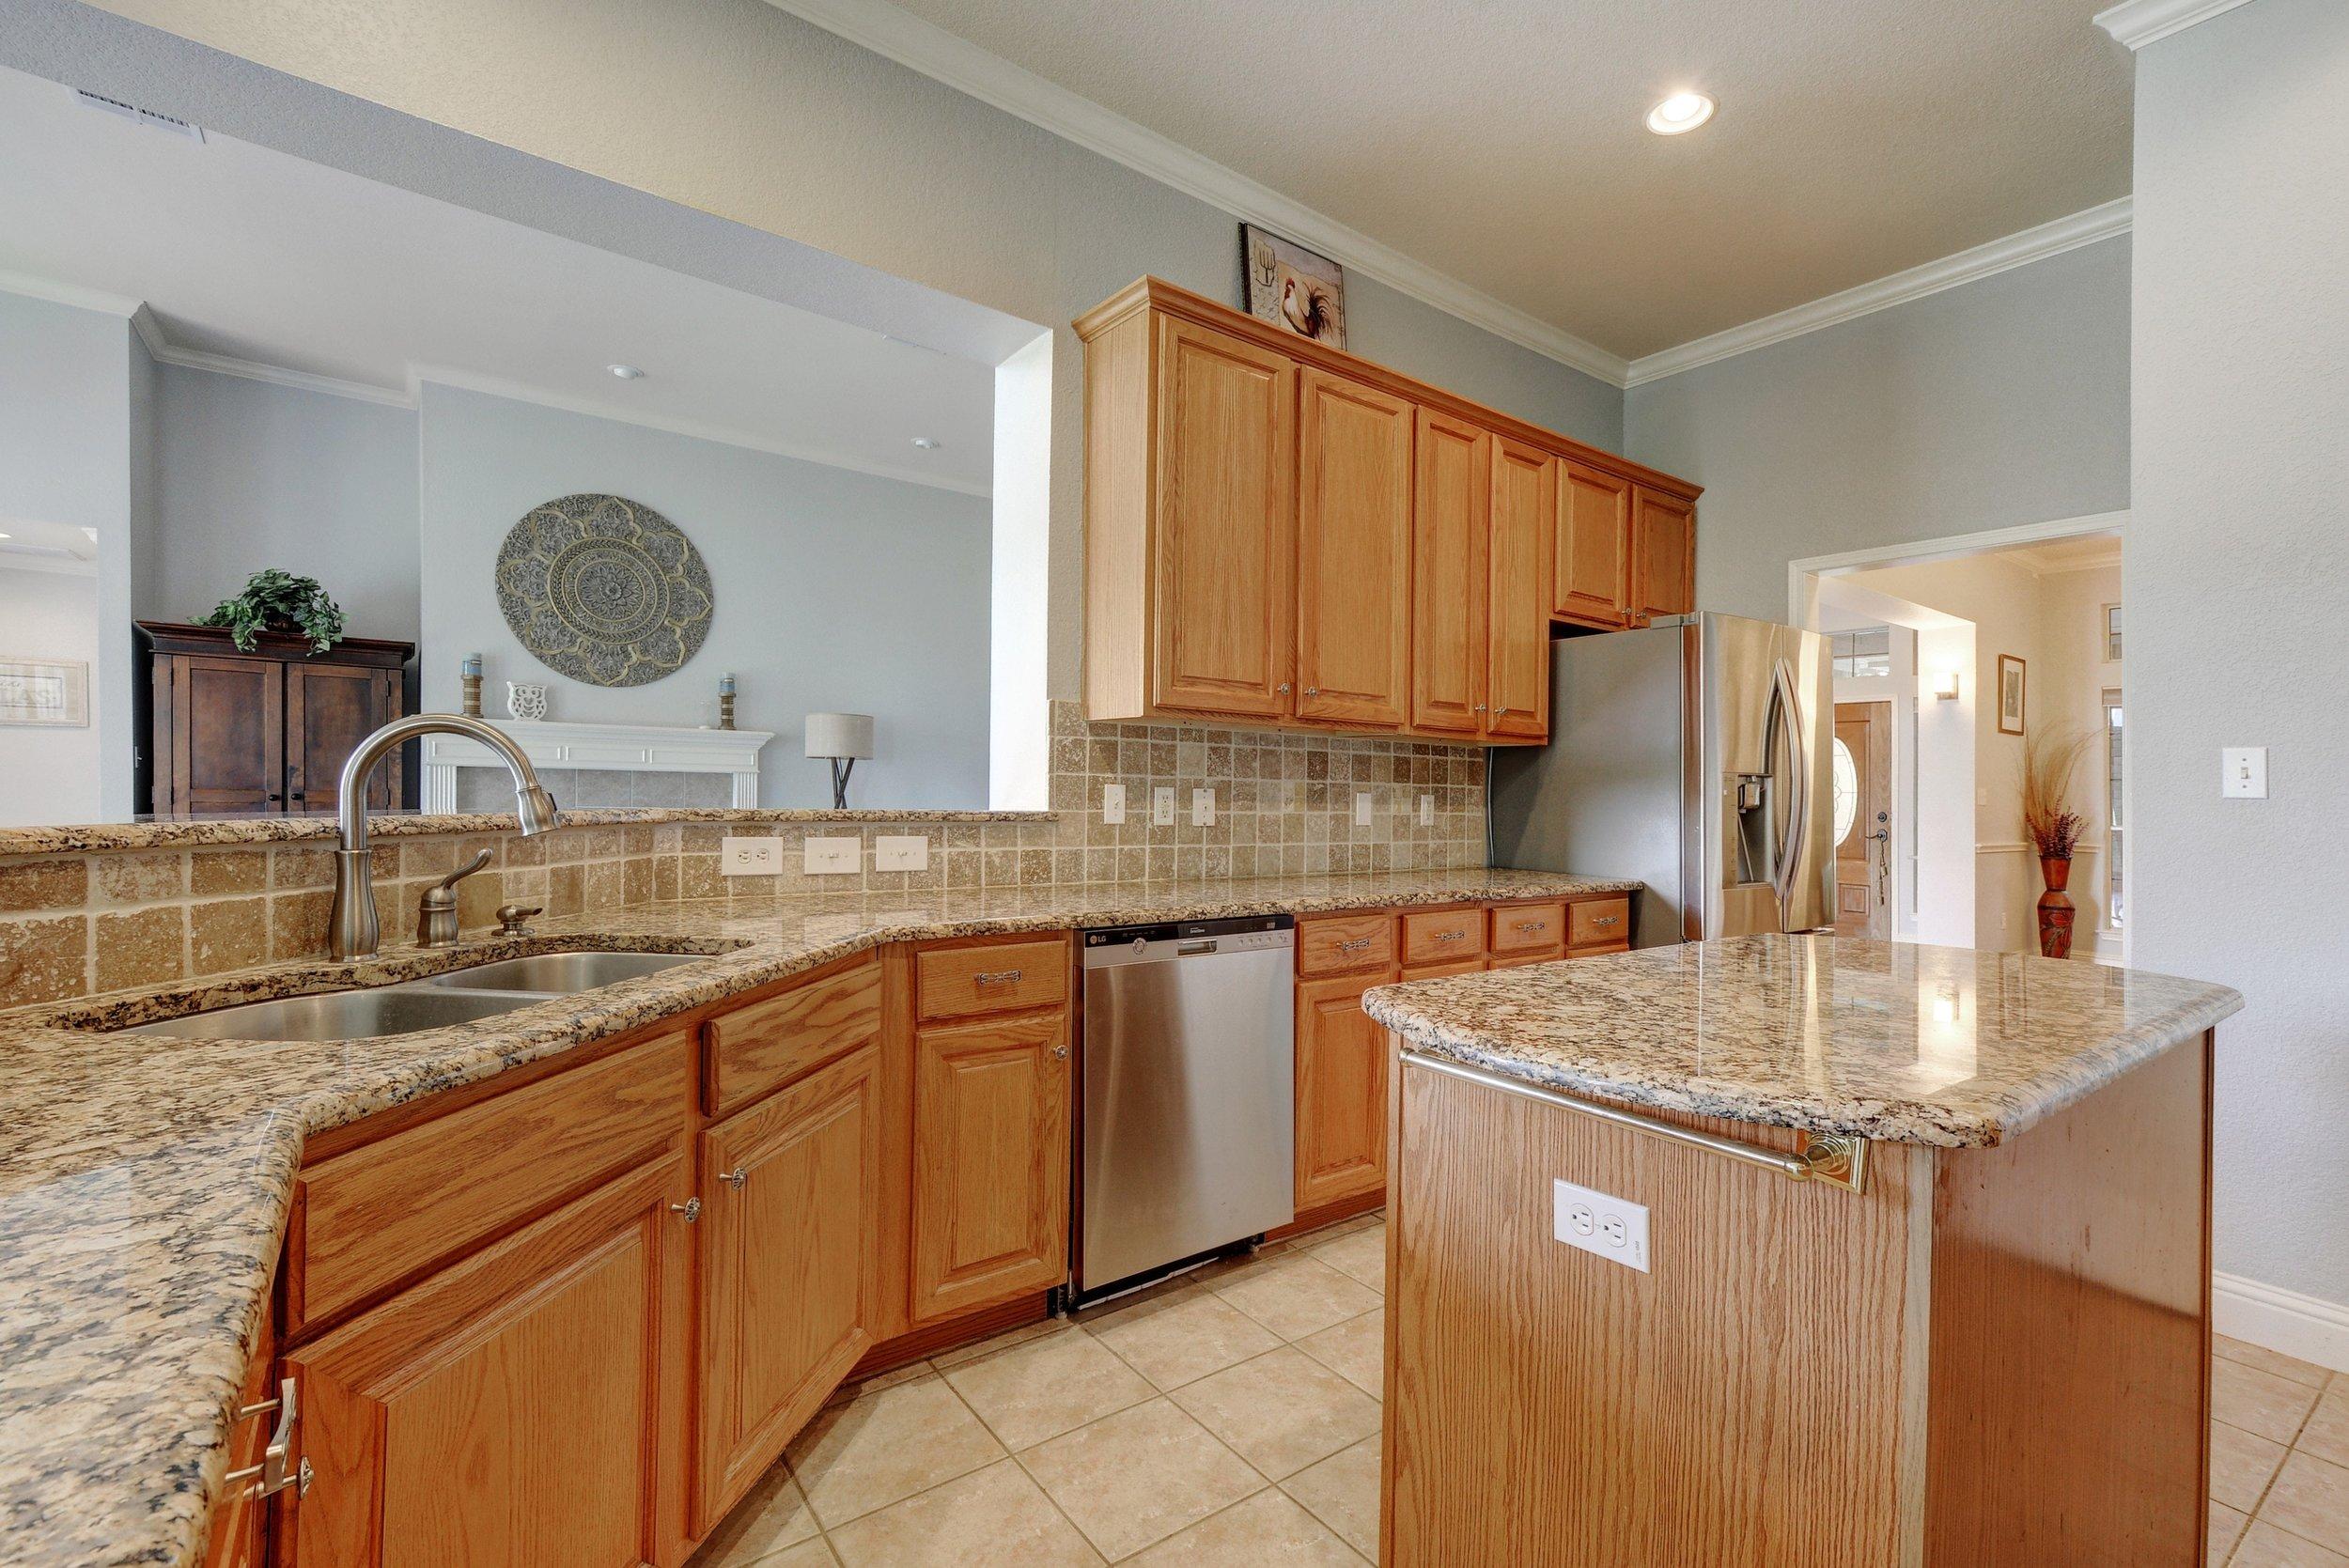 019-248949-Kitchen 004_5638114.jpg